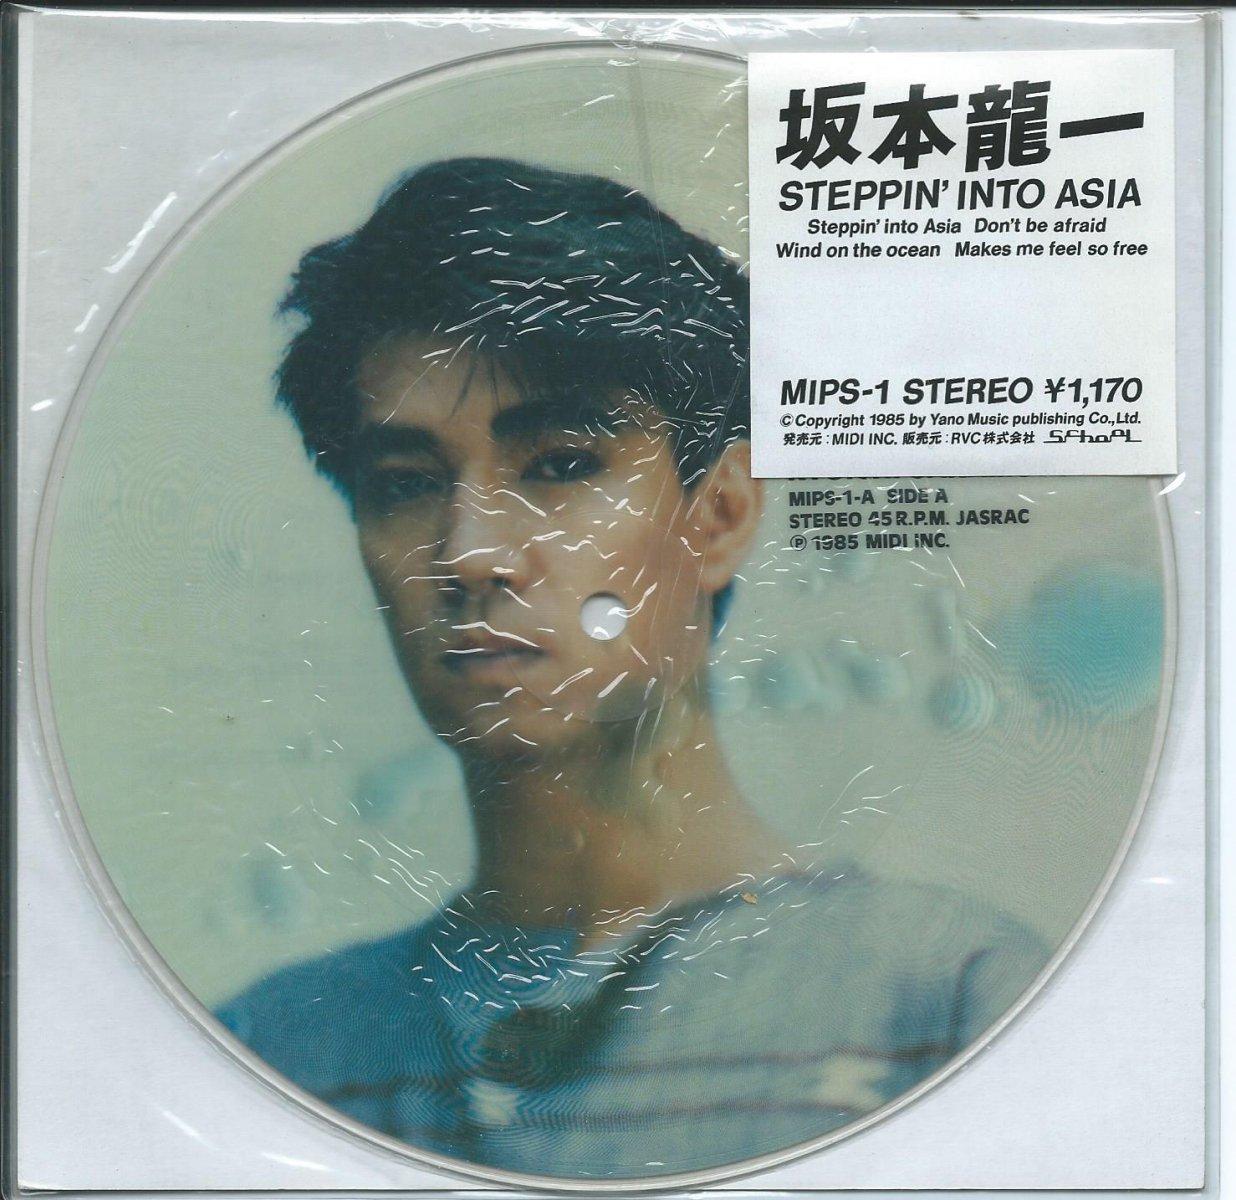 坂本龍一 RYUICHI SAKAMOTO / STEPPIN' INTO ASIA (7